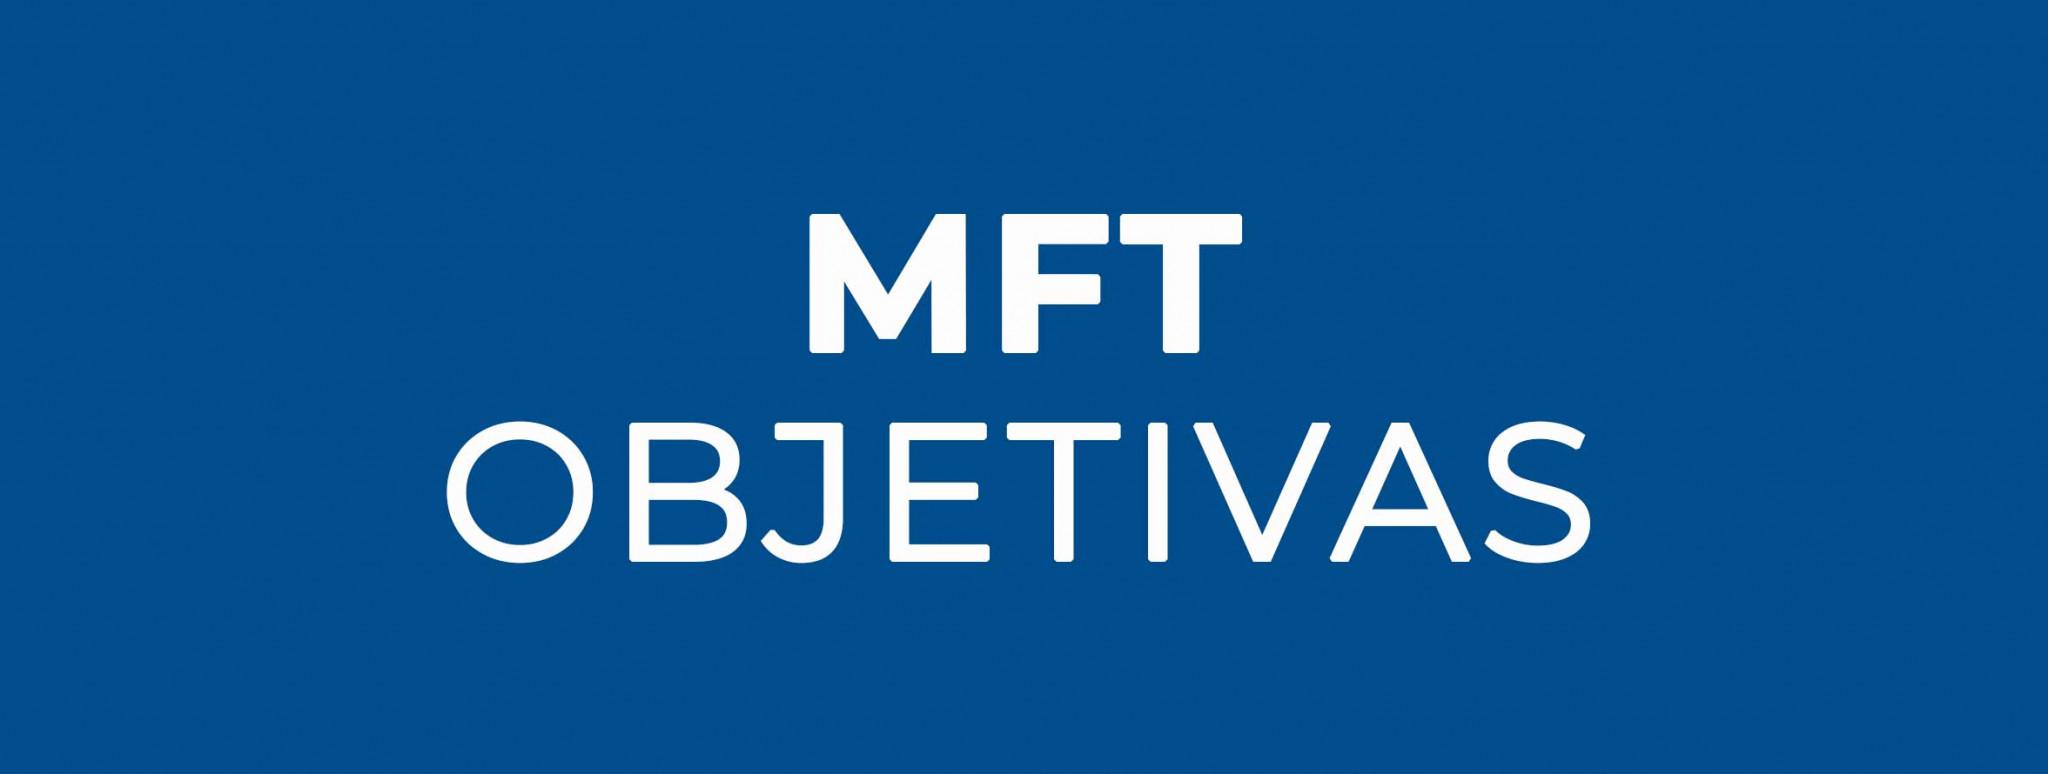 Objetivas MFT